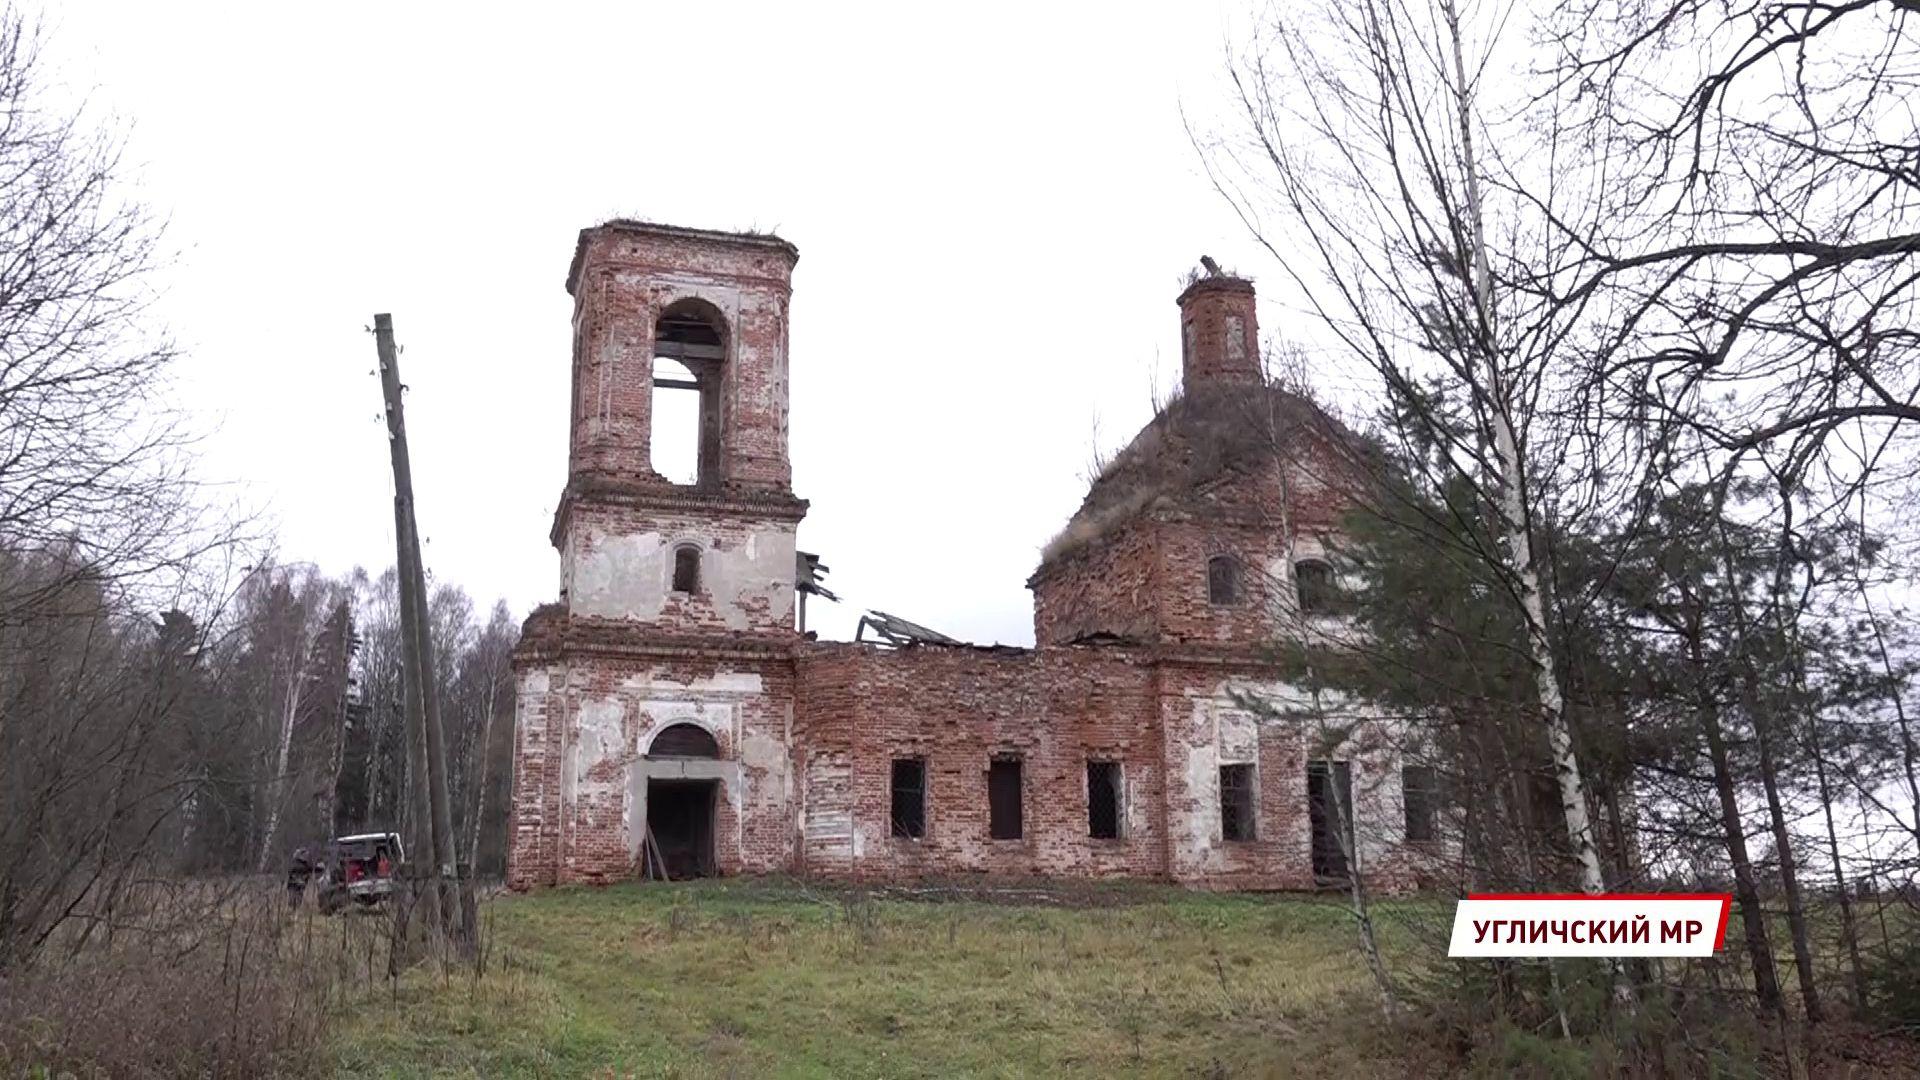 В Угличском районе усадьба Тютчевых обретает вторую жизнь